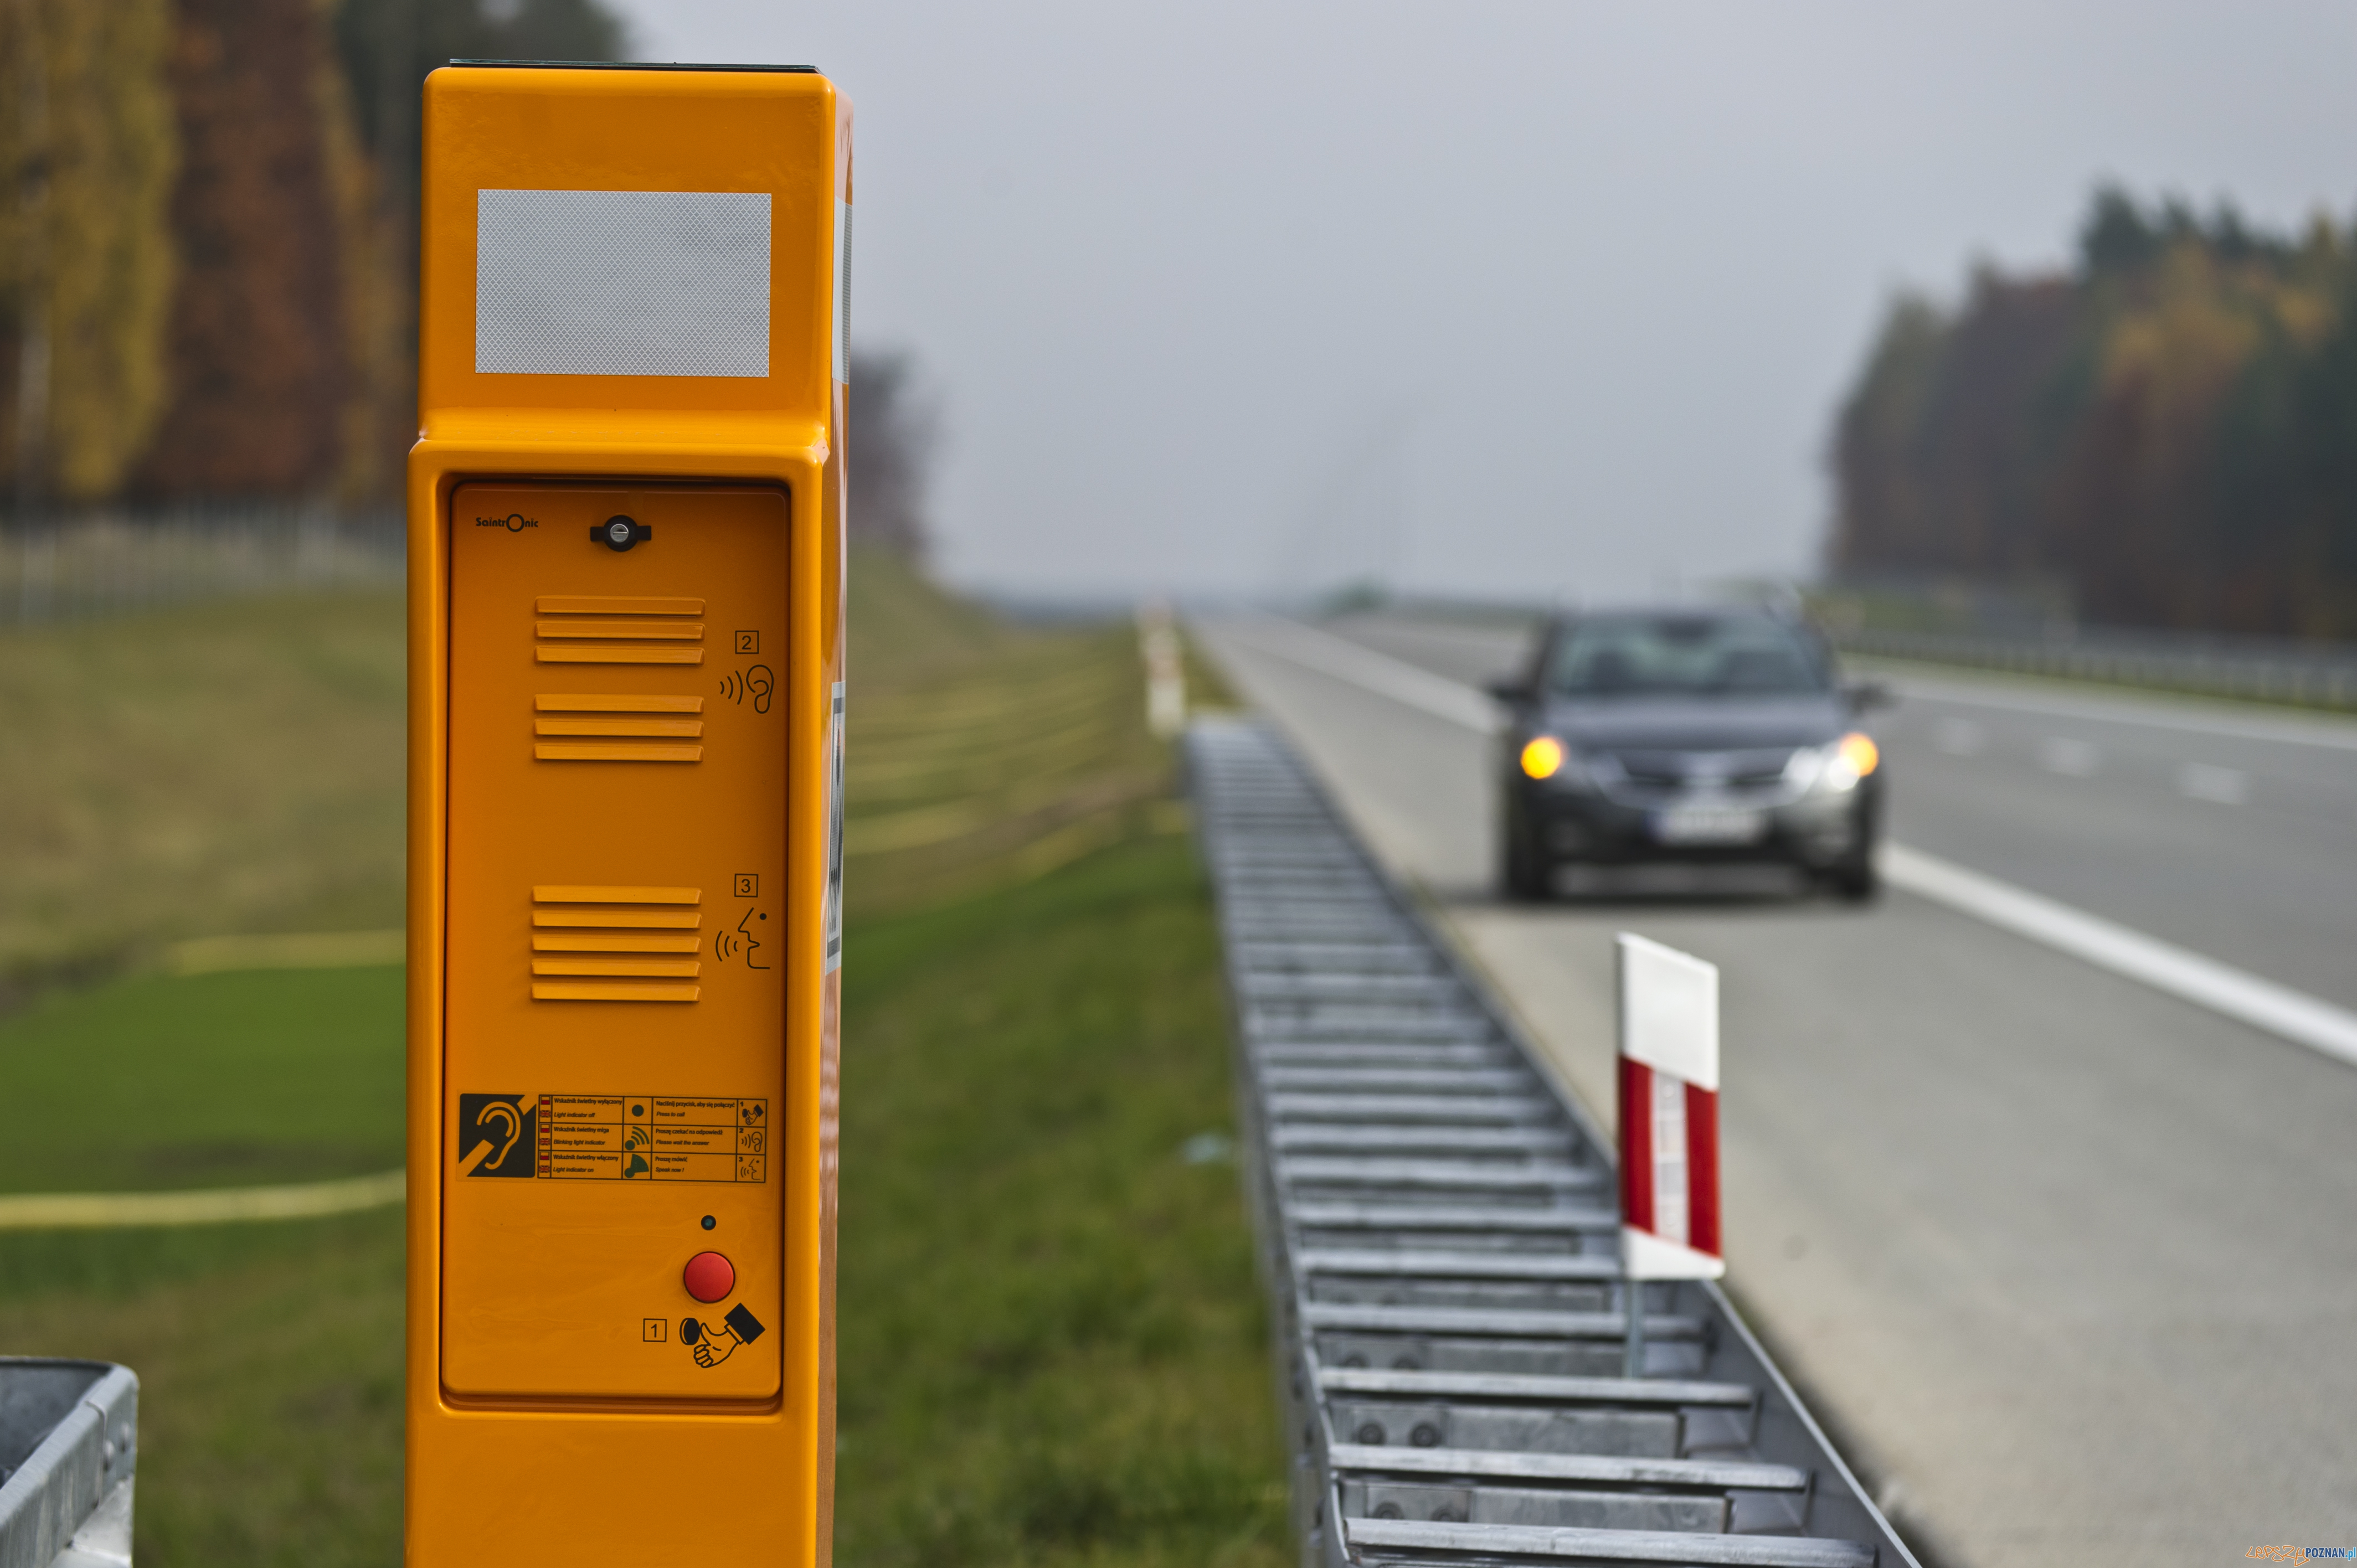 Kolumna alarmowa na autostradzie  Foto: Autorstrada Wielkopolska